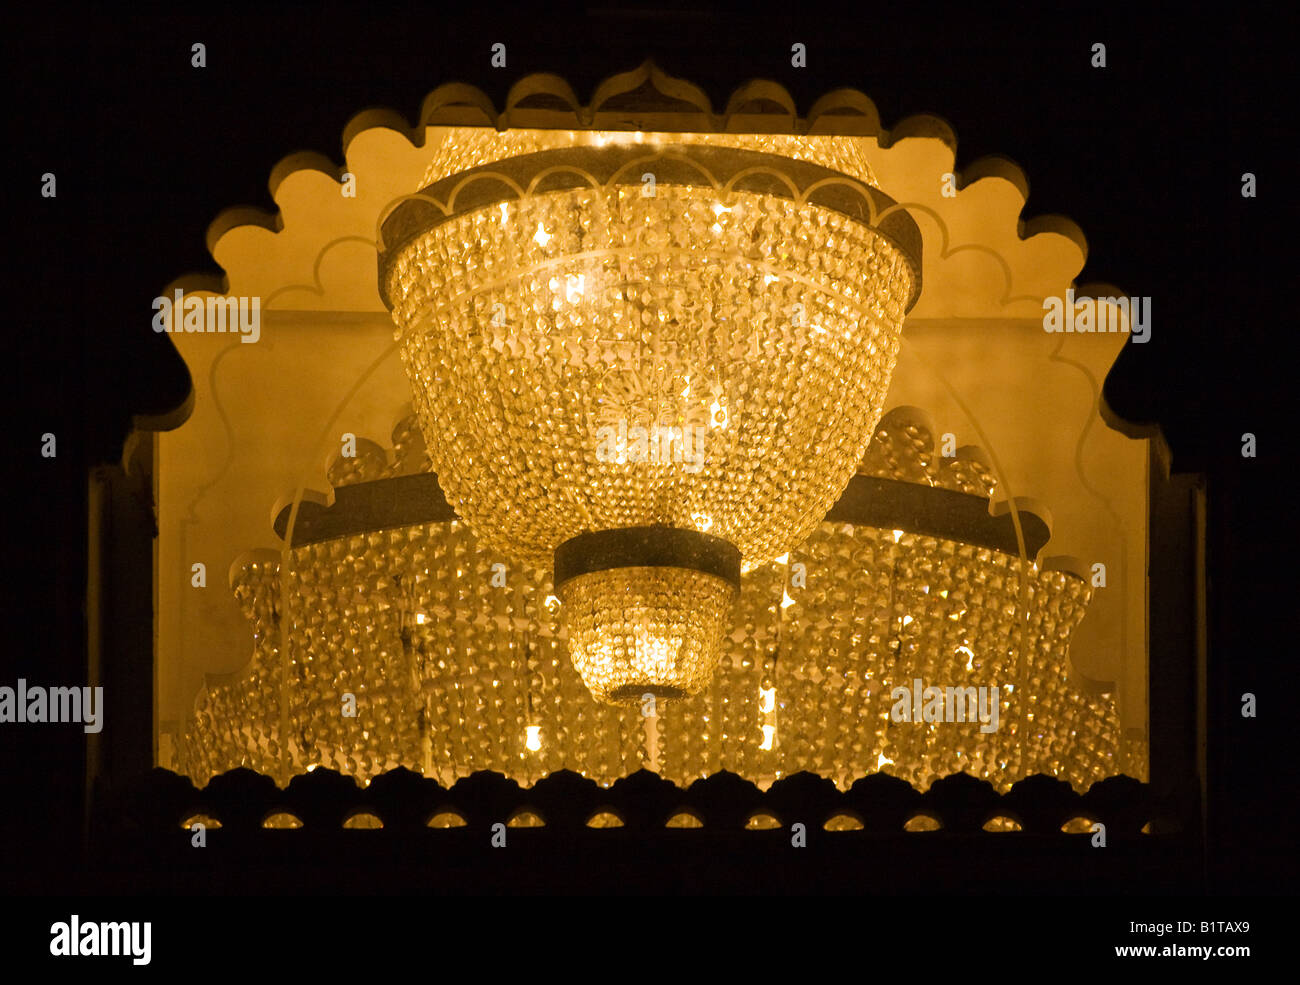 Lieblich Der CRYSTAL BALLROOM Kronleuchter In Der CITY PALACE UDAIPUR Von Maharaja  Udai Singh Ll 1600 N. Chr. RAJASTHAN Indien Gebaut